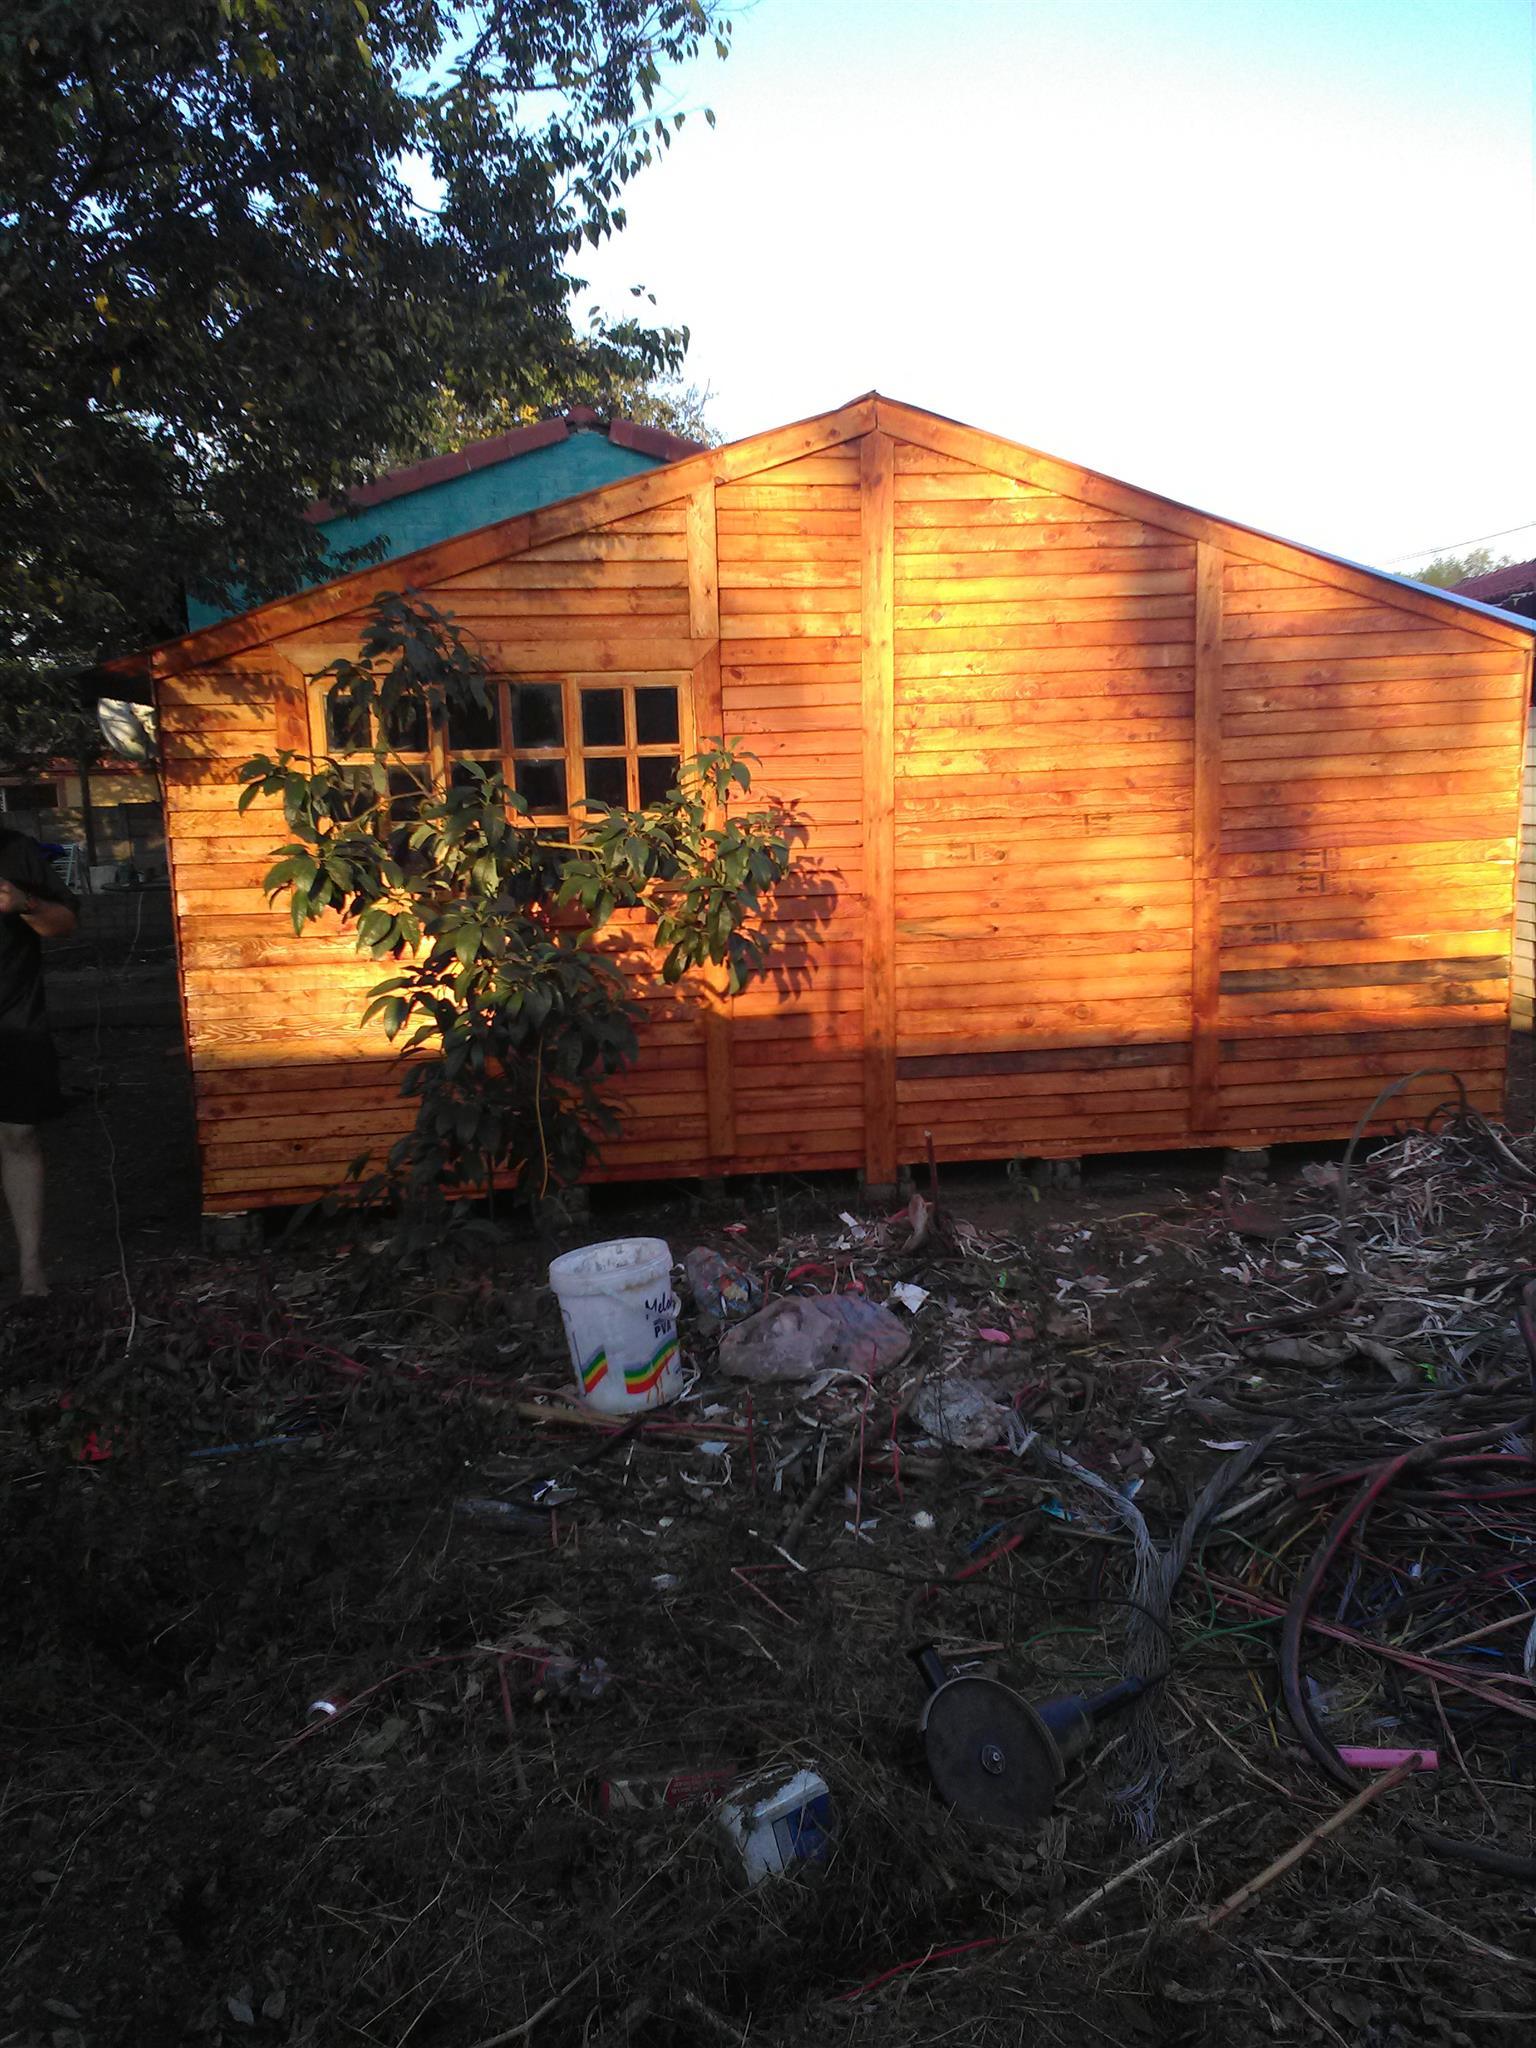 New Wood - Big Wendy or storeroom